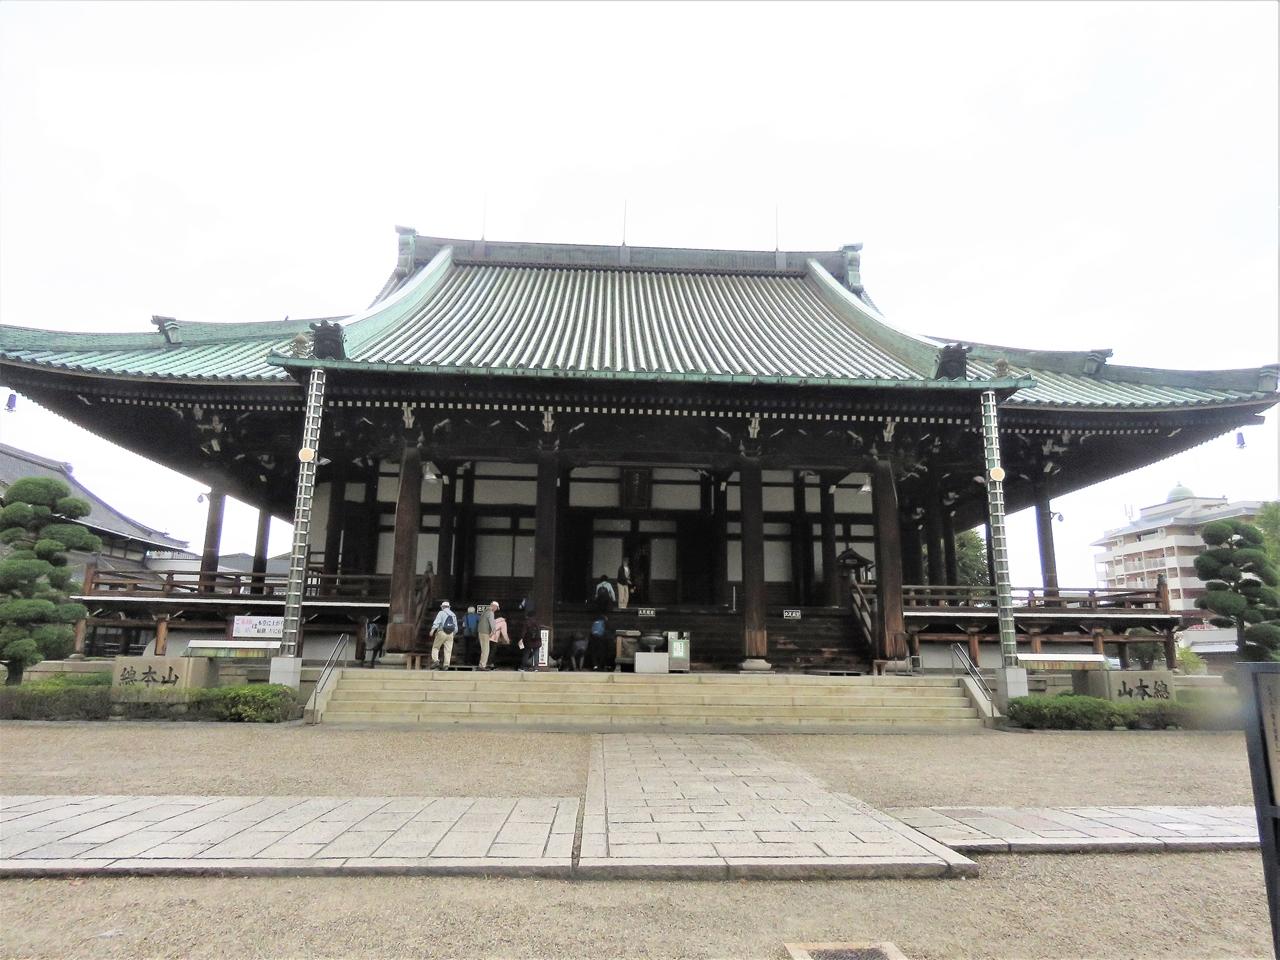 s-大念仏寺本殿 191111